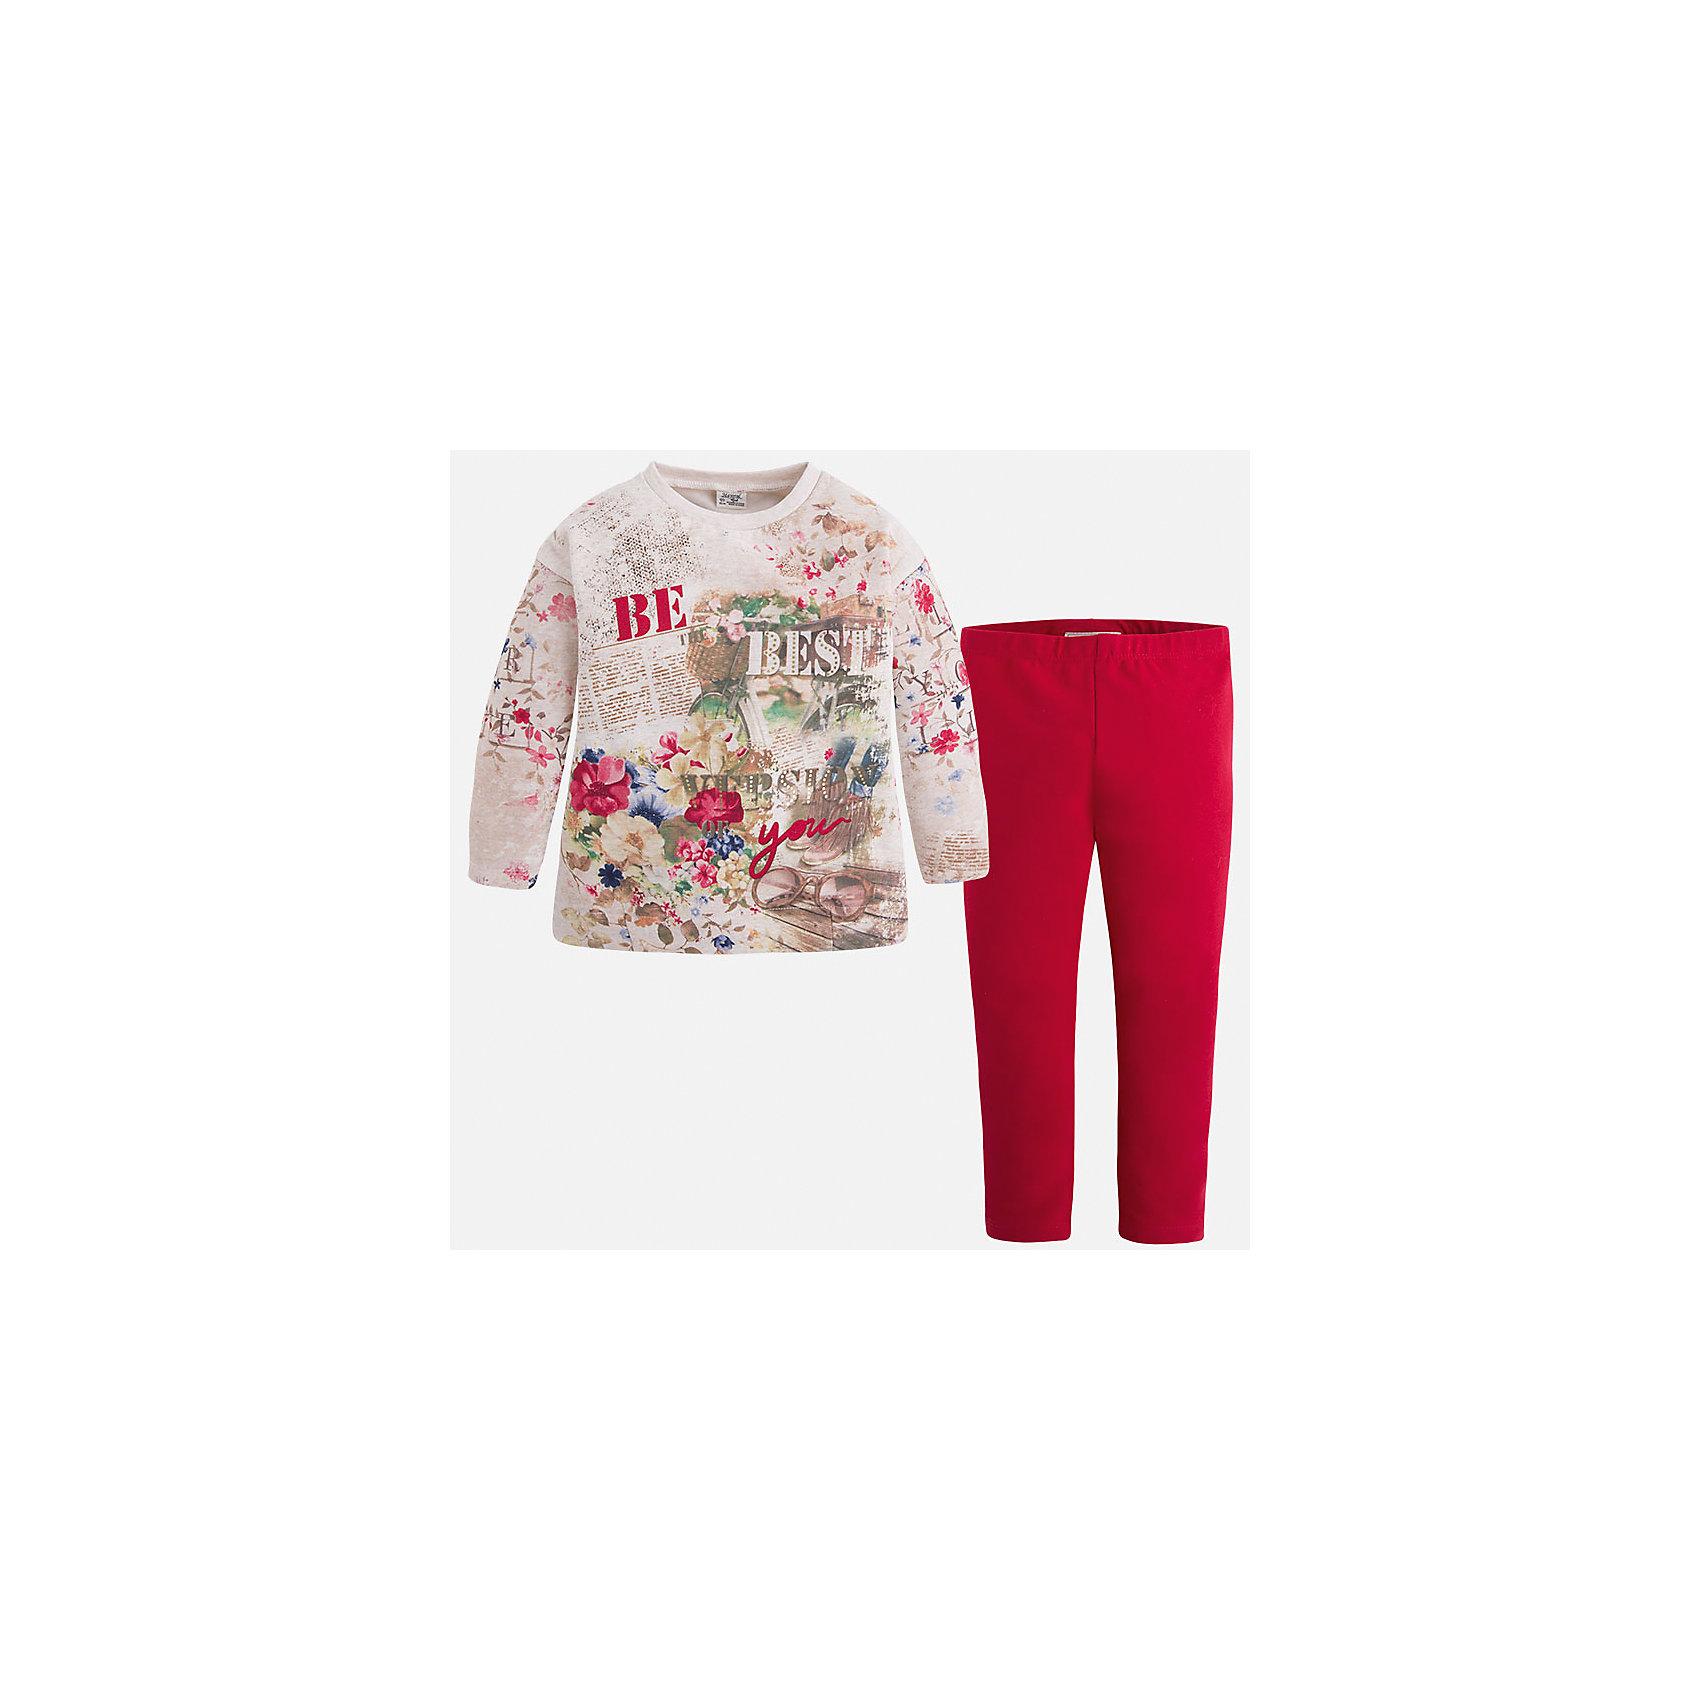 Комплект для девочки: футболка и леггинсы для девочки MayoralКомплект из леггинсов и футболки с длинным рукавом для девочки от популярного испанского бренда Mayoral(Майорал). Изготовленный из прочных, хорошо сохраняющих тепло материалов. Яркая расцветка с оригинальным принтом - то, что нужно моднице, любящей быть в центре внимания!<br>Дополнительная информация:<br>-цвет: красный/белый<br>-состав: футболка: 48% хлопок, 47% полиэстер, 5% эластан; леггинсы: 92% хлопок, 8% эластан<br>Комплект из леггинсов и футболки Mayoral(Майорал) вы можете купить в нашем интернет-магазине.<br><br>Ширина мм: 123<br>Глубина мм: 10<br>Высота мм: 149<br>Вес г: 209<br>Цвет: красный<br>Возраст от месяцев: 48<br>Возраст до месяцев: 60<br>Пол: Женский<br>Возраст: Детский<br>Размер: 110,116,92,128,98,104,134,122<br>SKU: 4844134